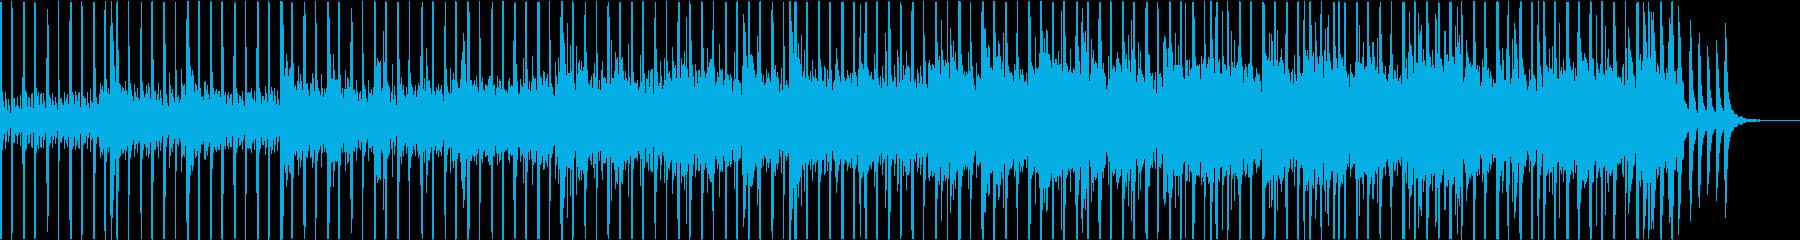 北欧の冬の透明感をピアノウクレレでの再生済みの波形